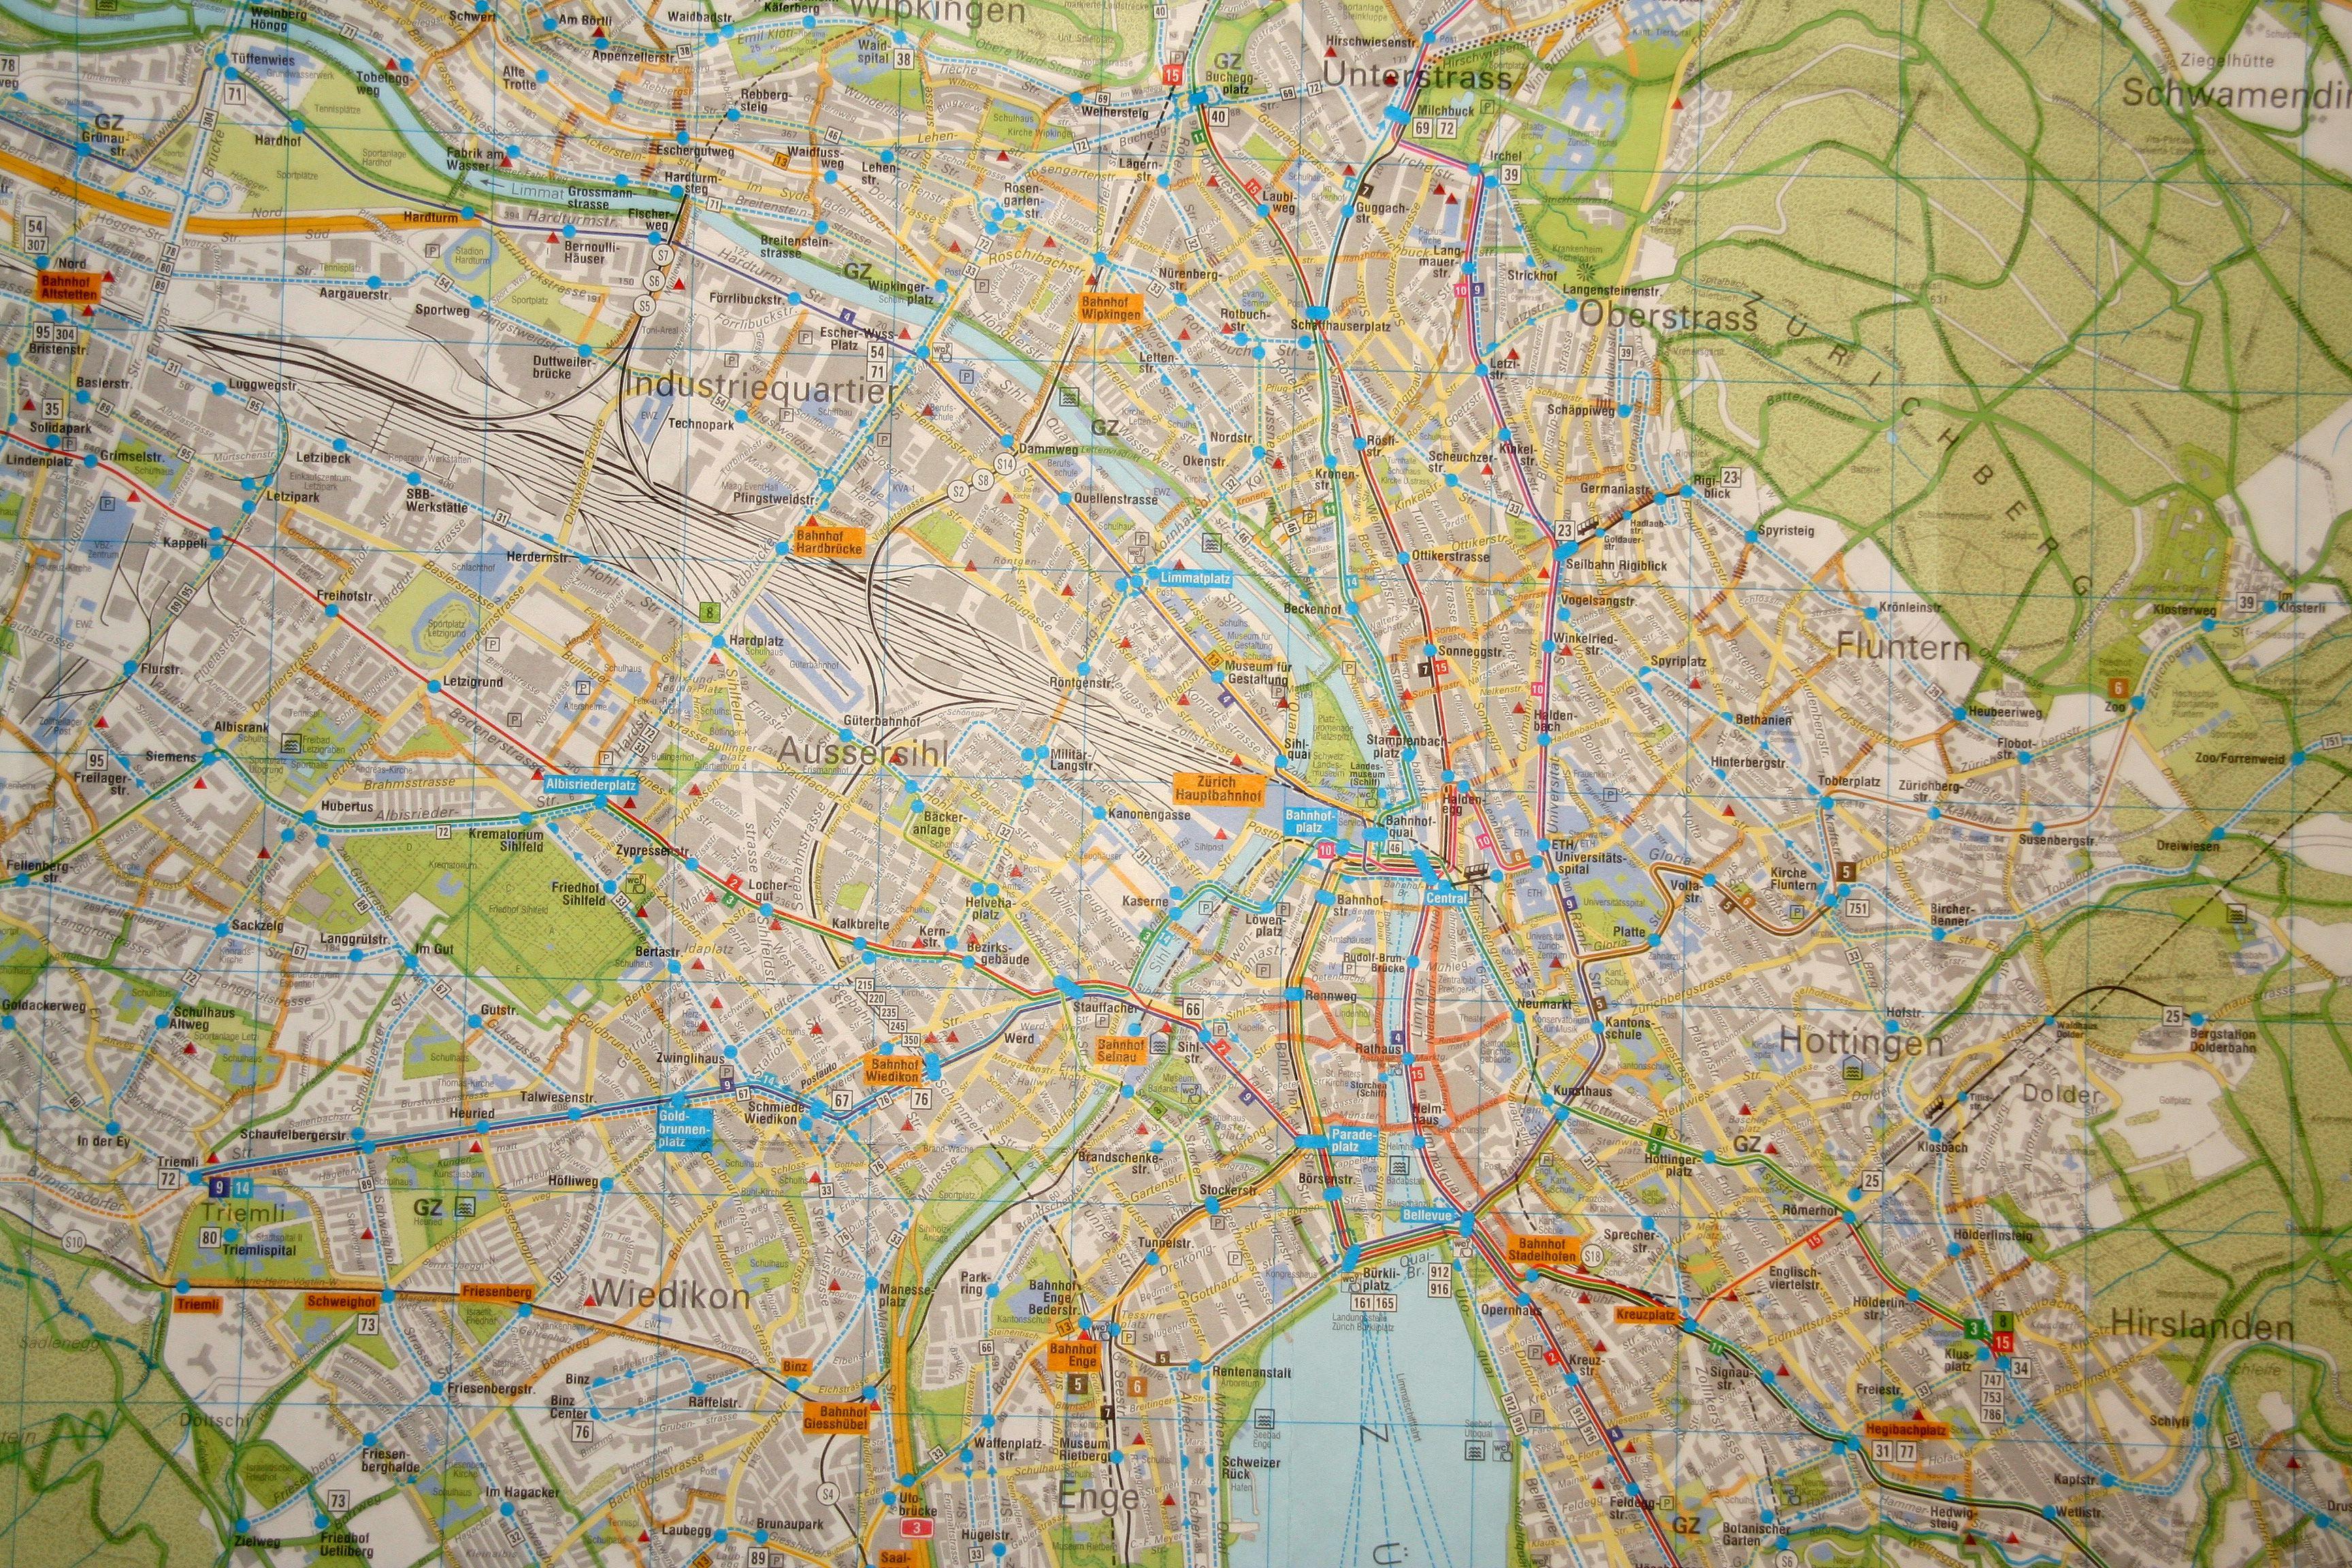 Zurich map on